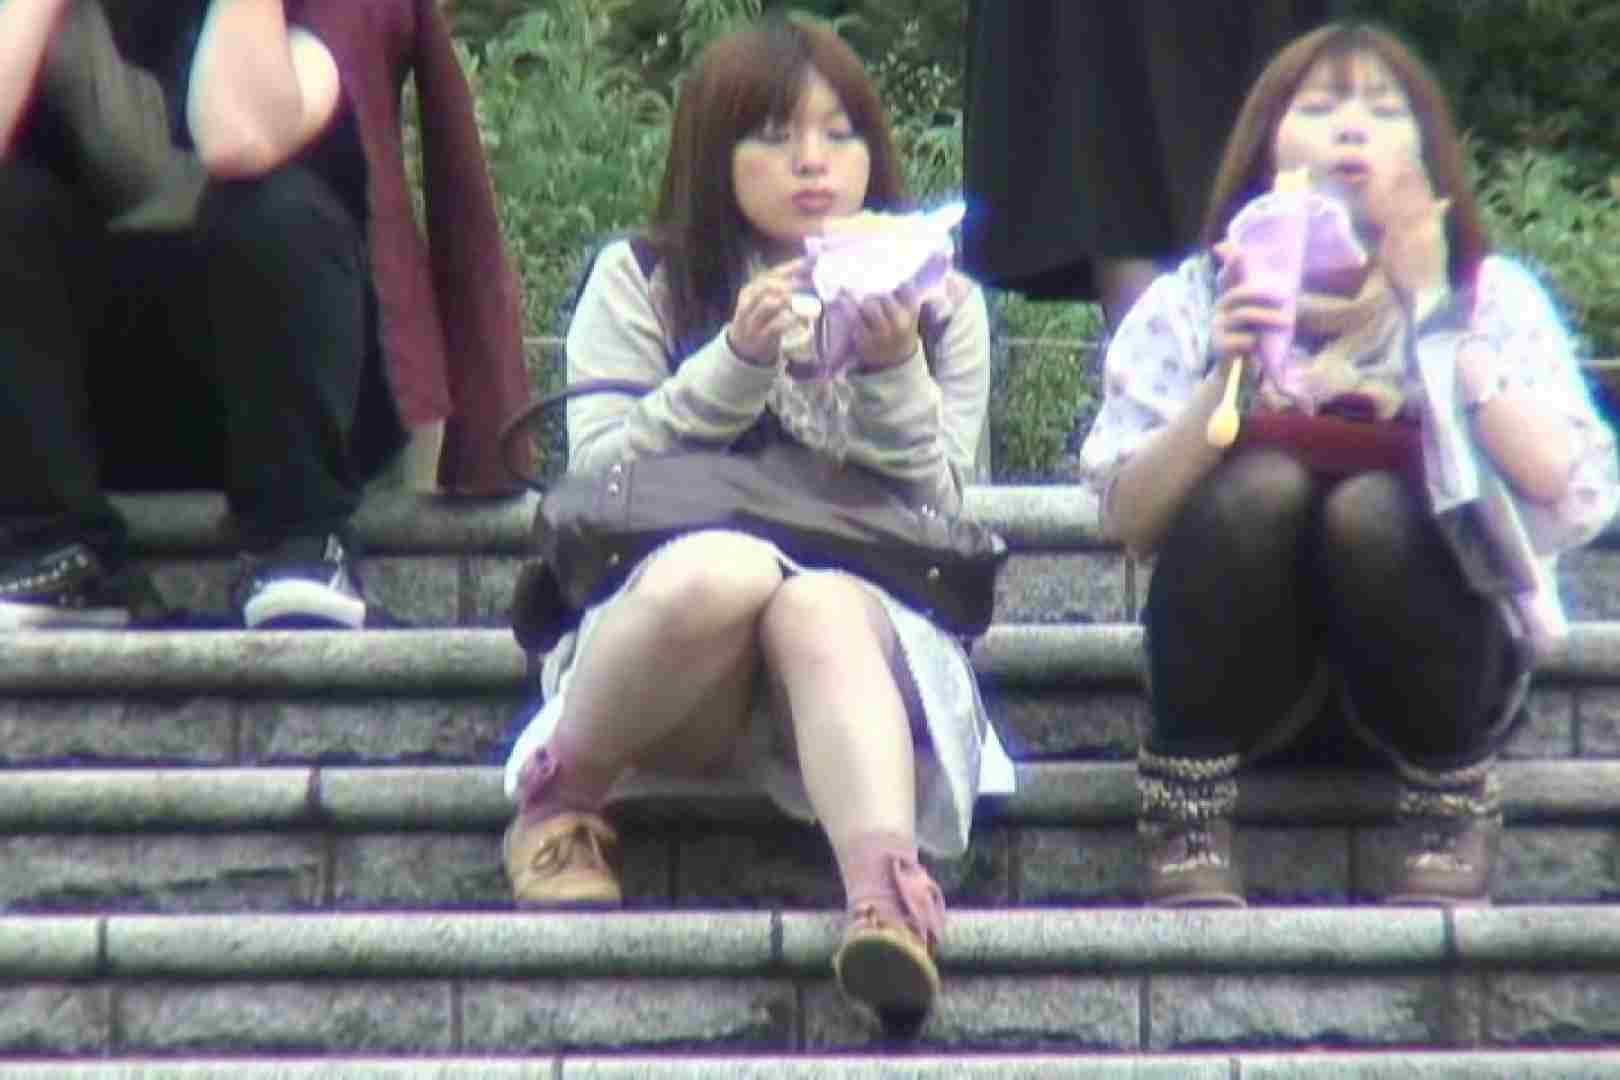 超最新版!春夏秋冬 vol.04 丸見え 濡れ場動画紹介 98pic 86